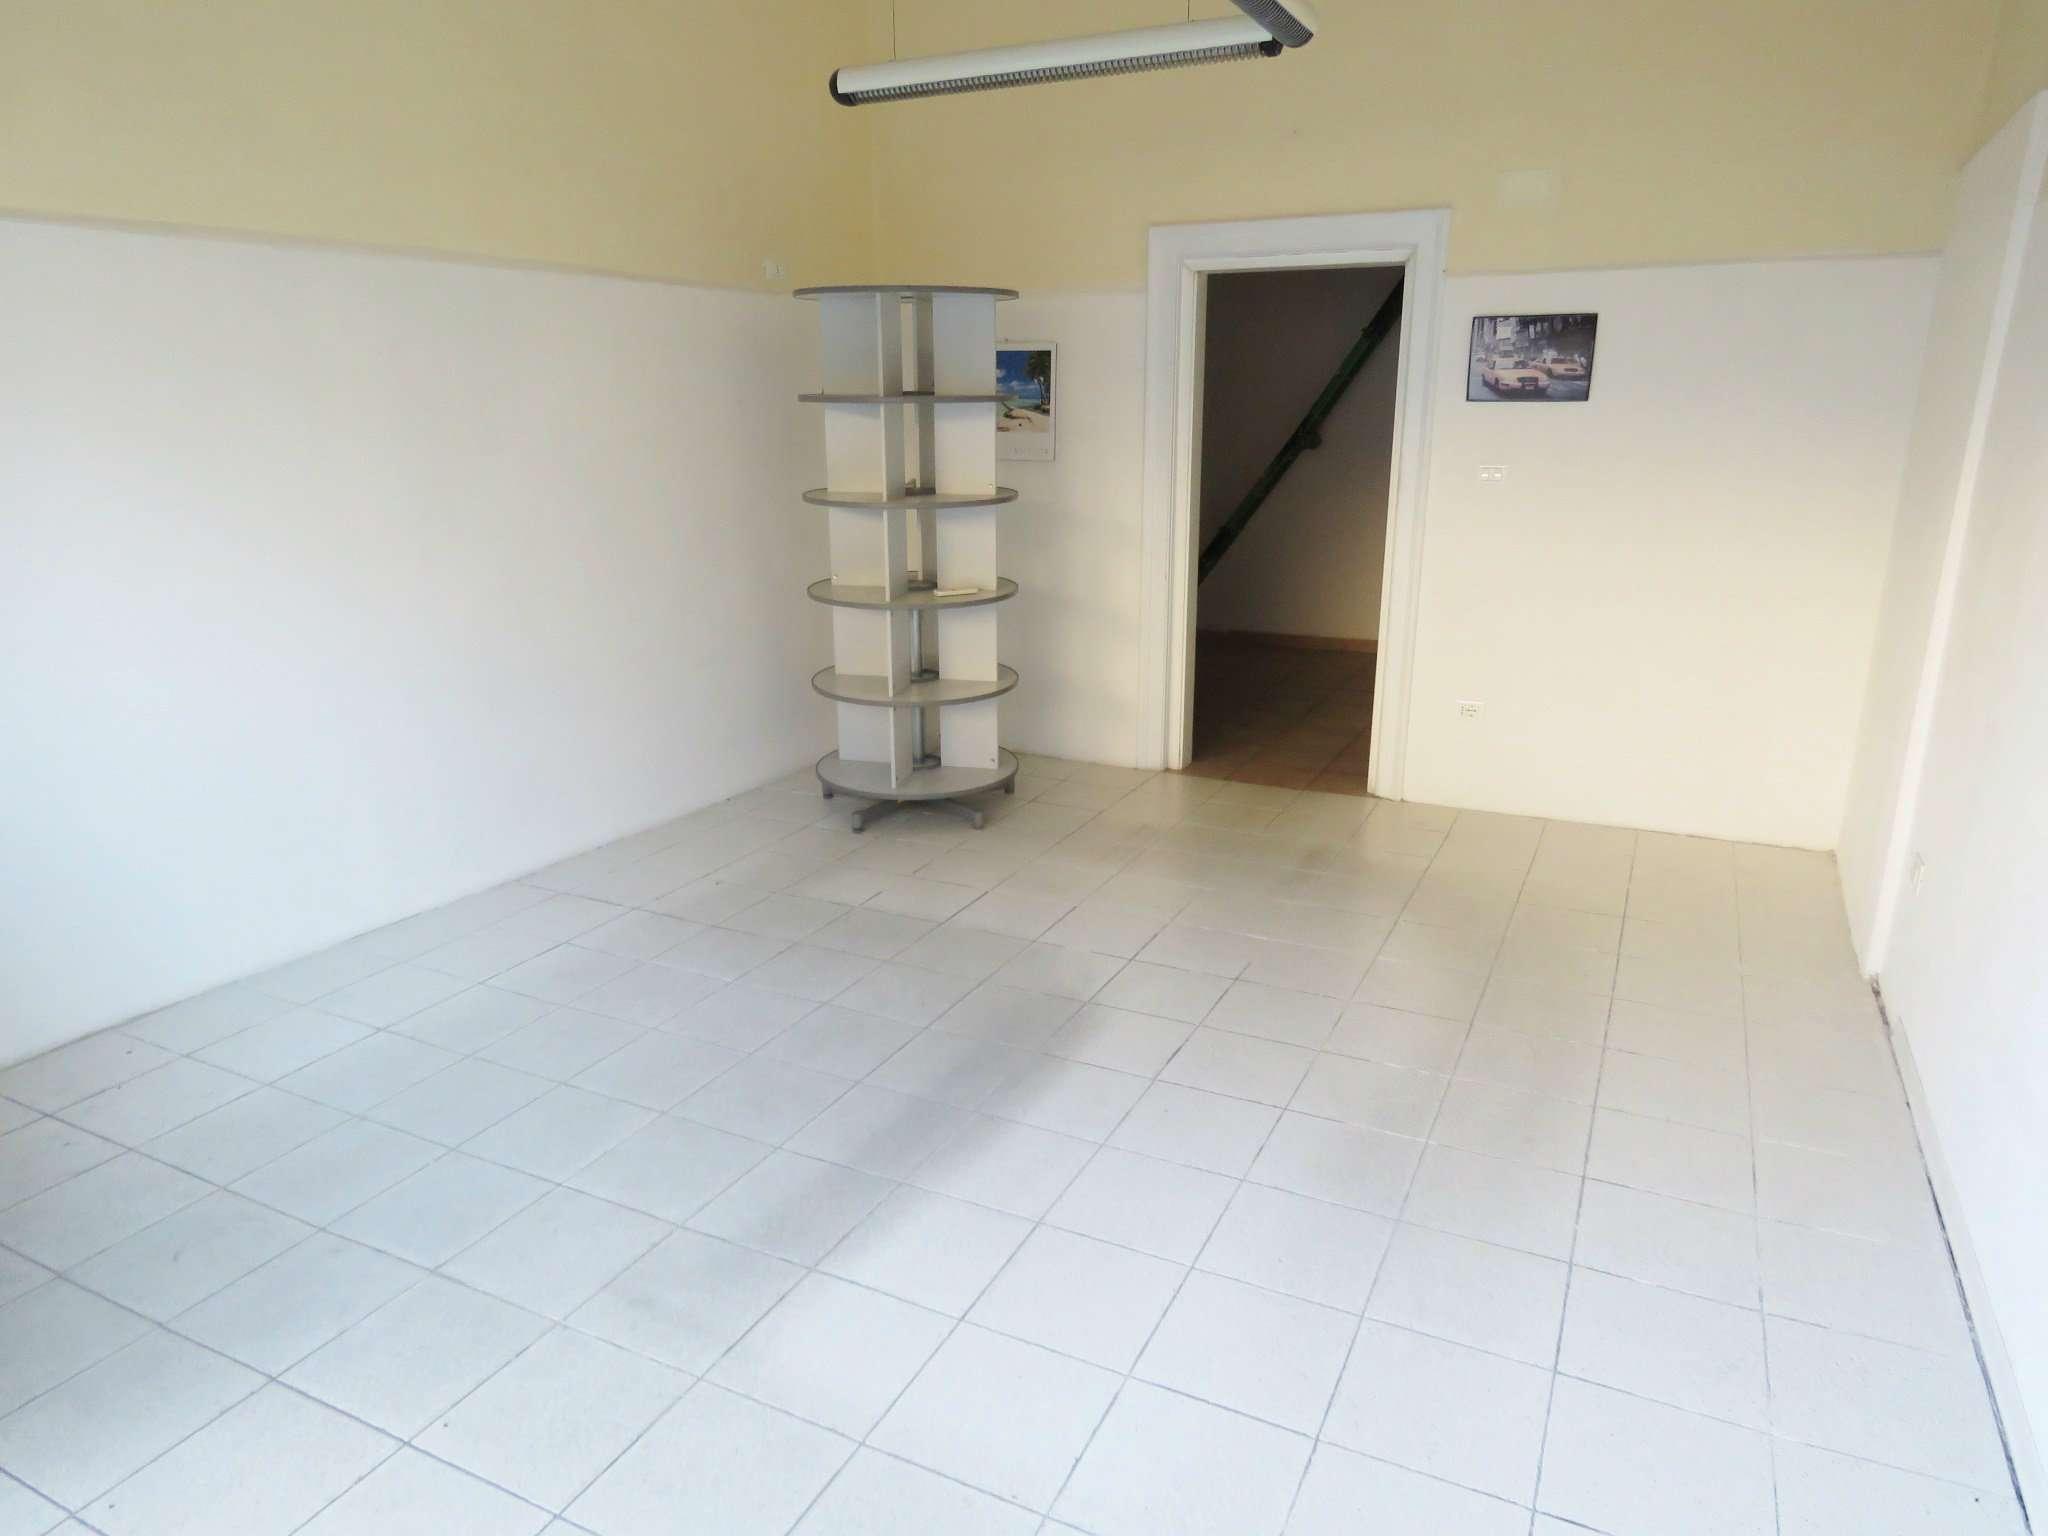 Negozio / Locale in vendita a Merano, 2 locali, prezzo € 80.000 | Cambio Casa.it